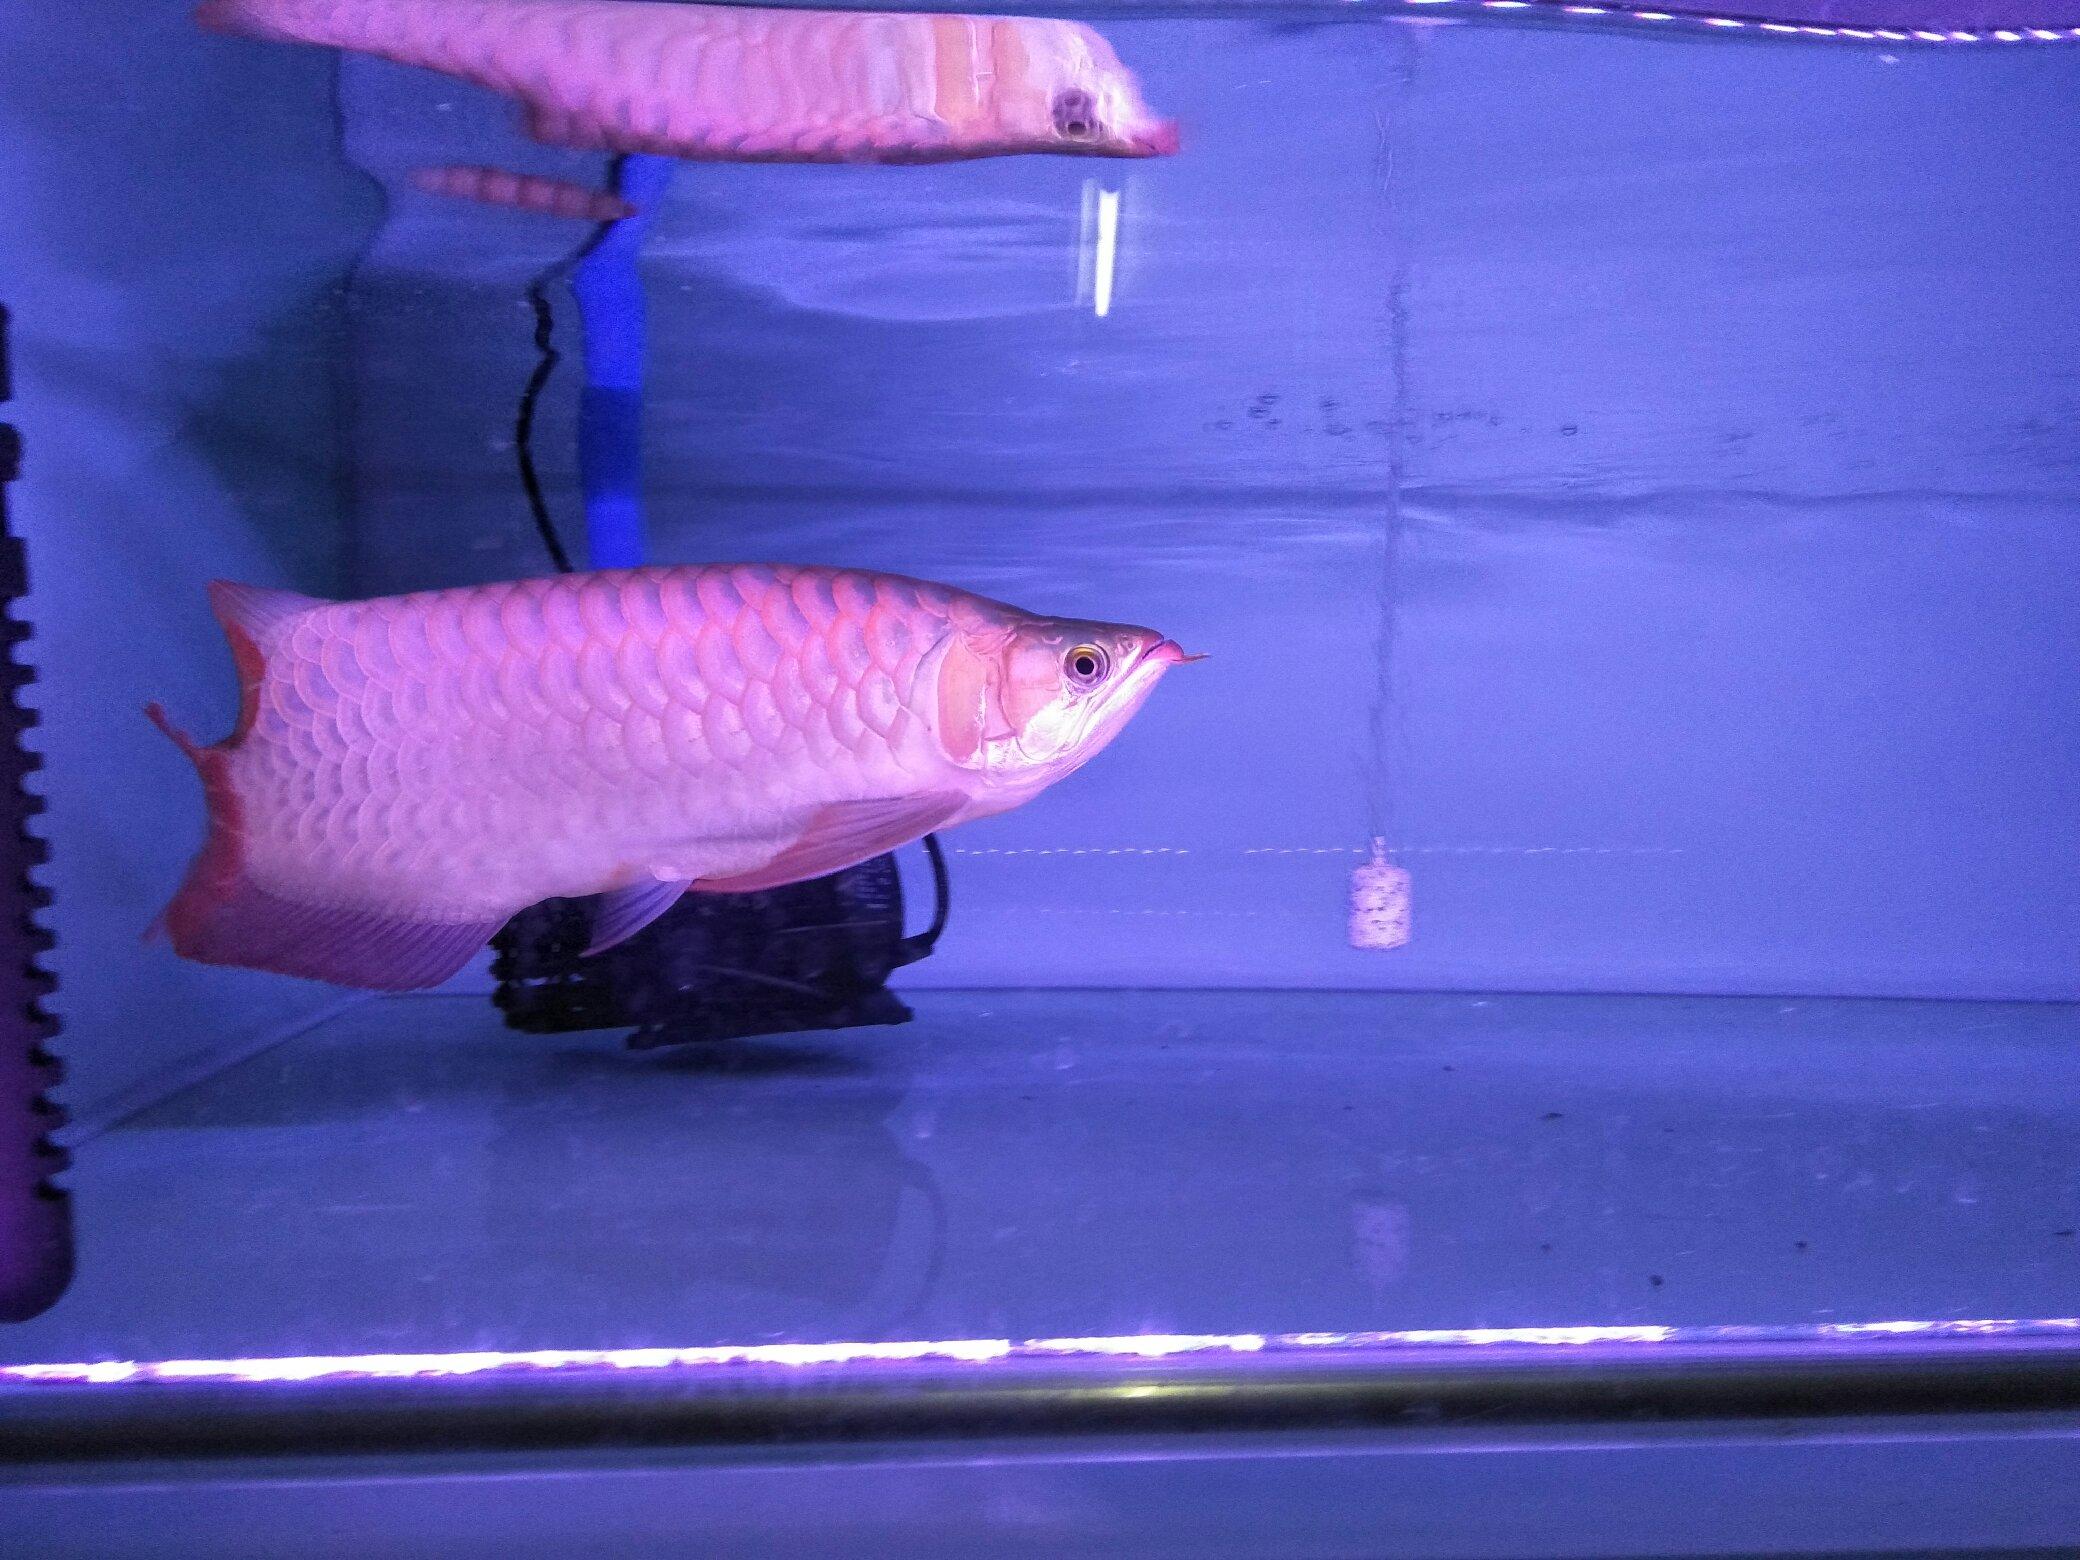 大红龙 翘头哦 北京观赏鱼 北京龙鱼第4张